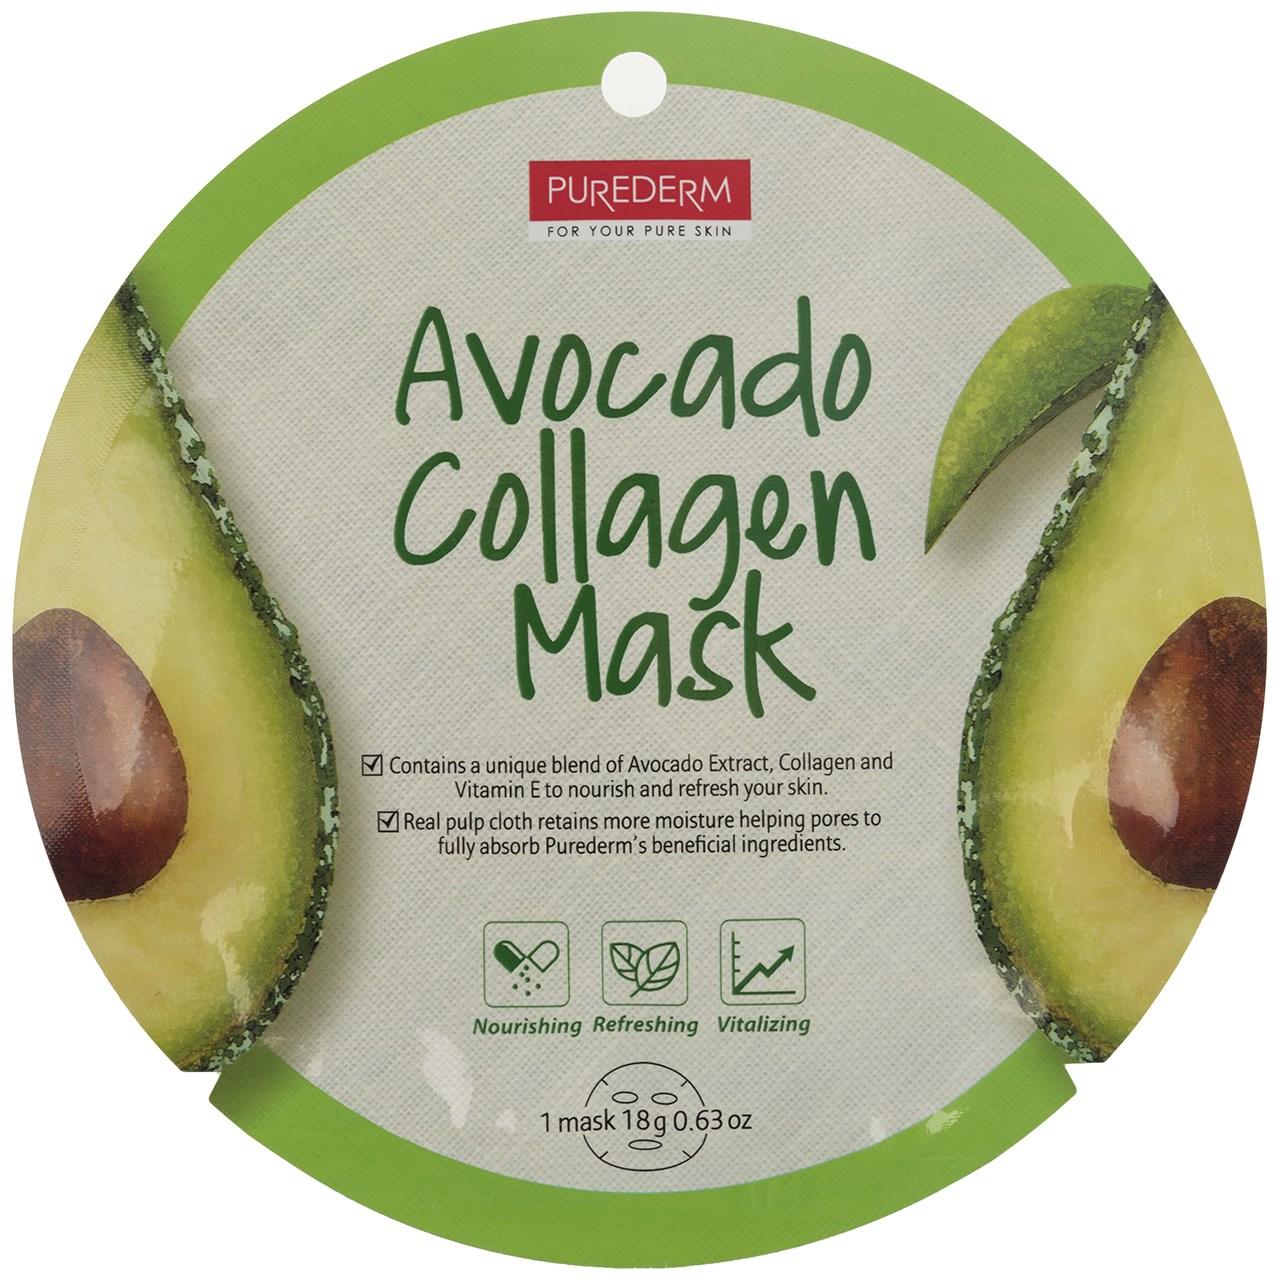 قیمت ماسک نقابی پیوردرم مدل Avocado